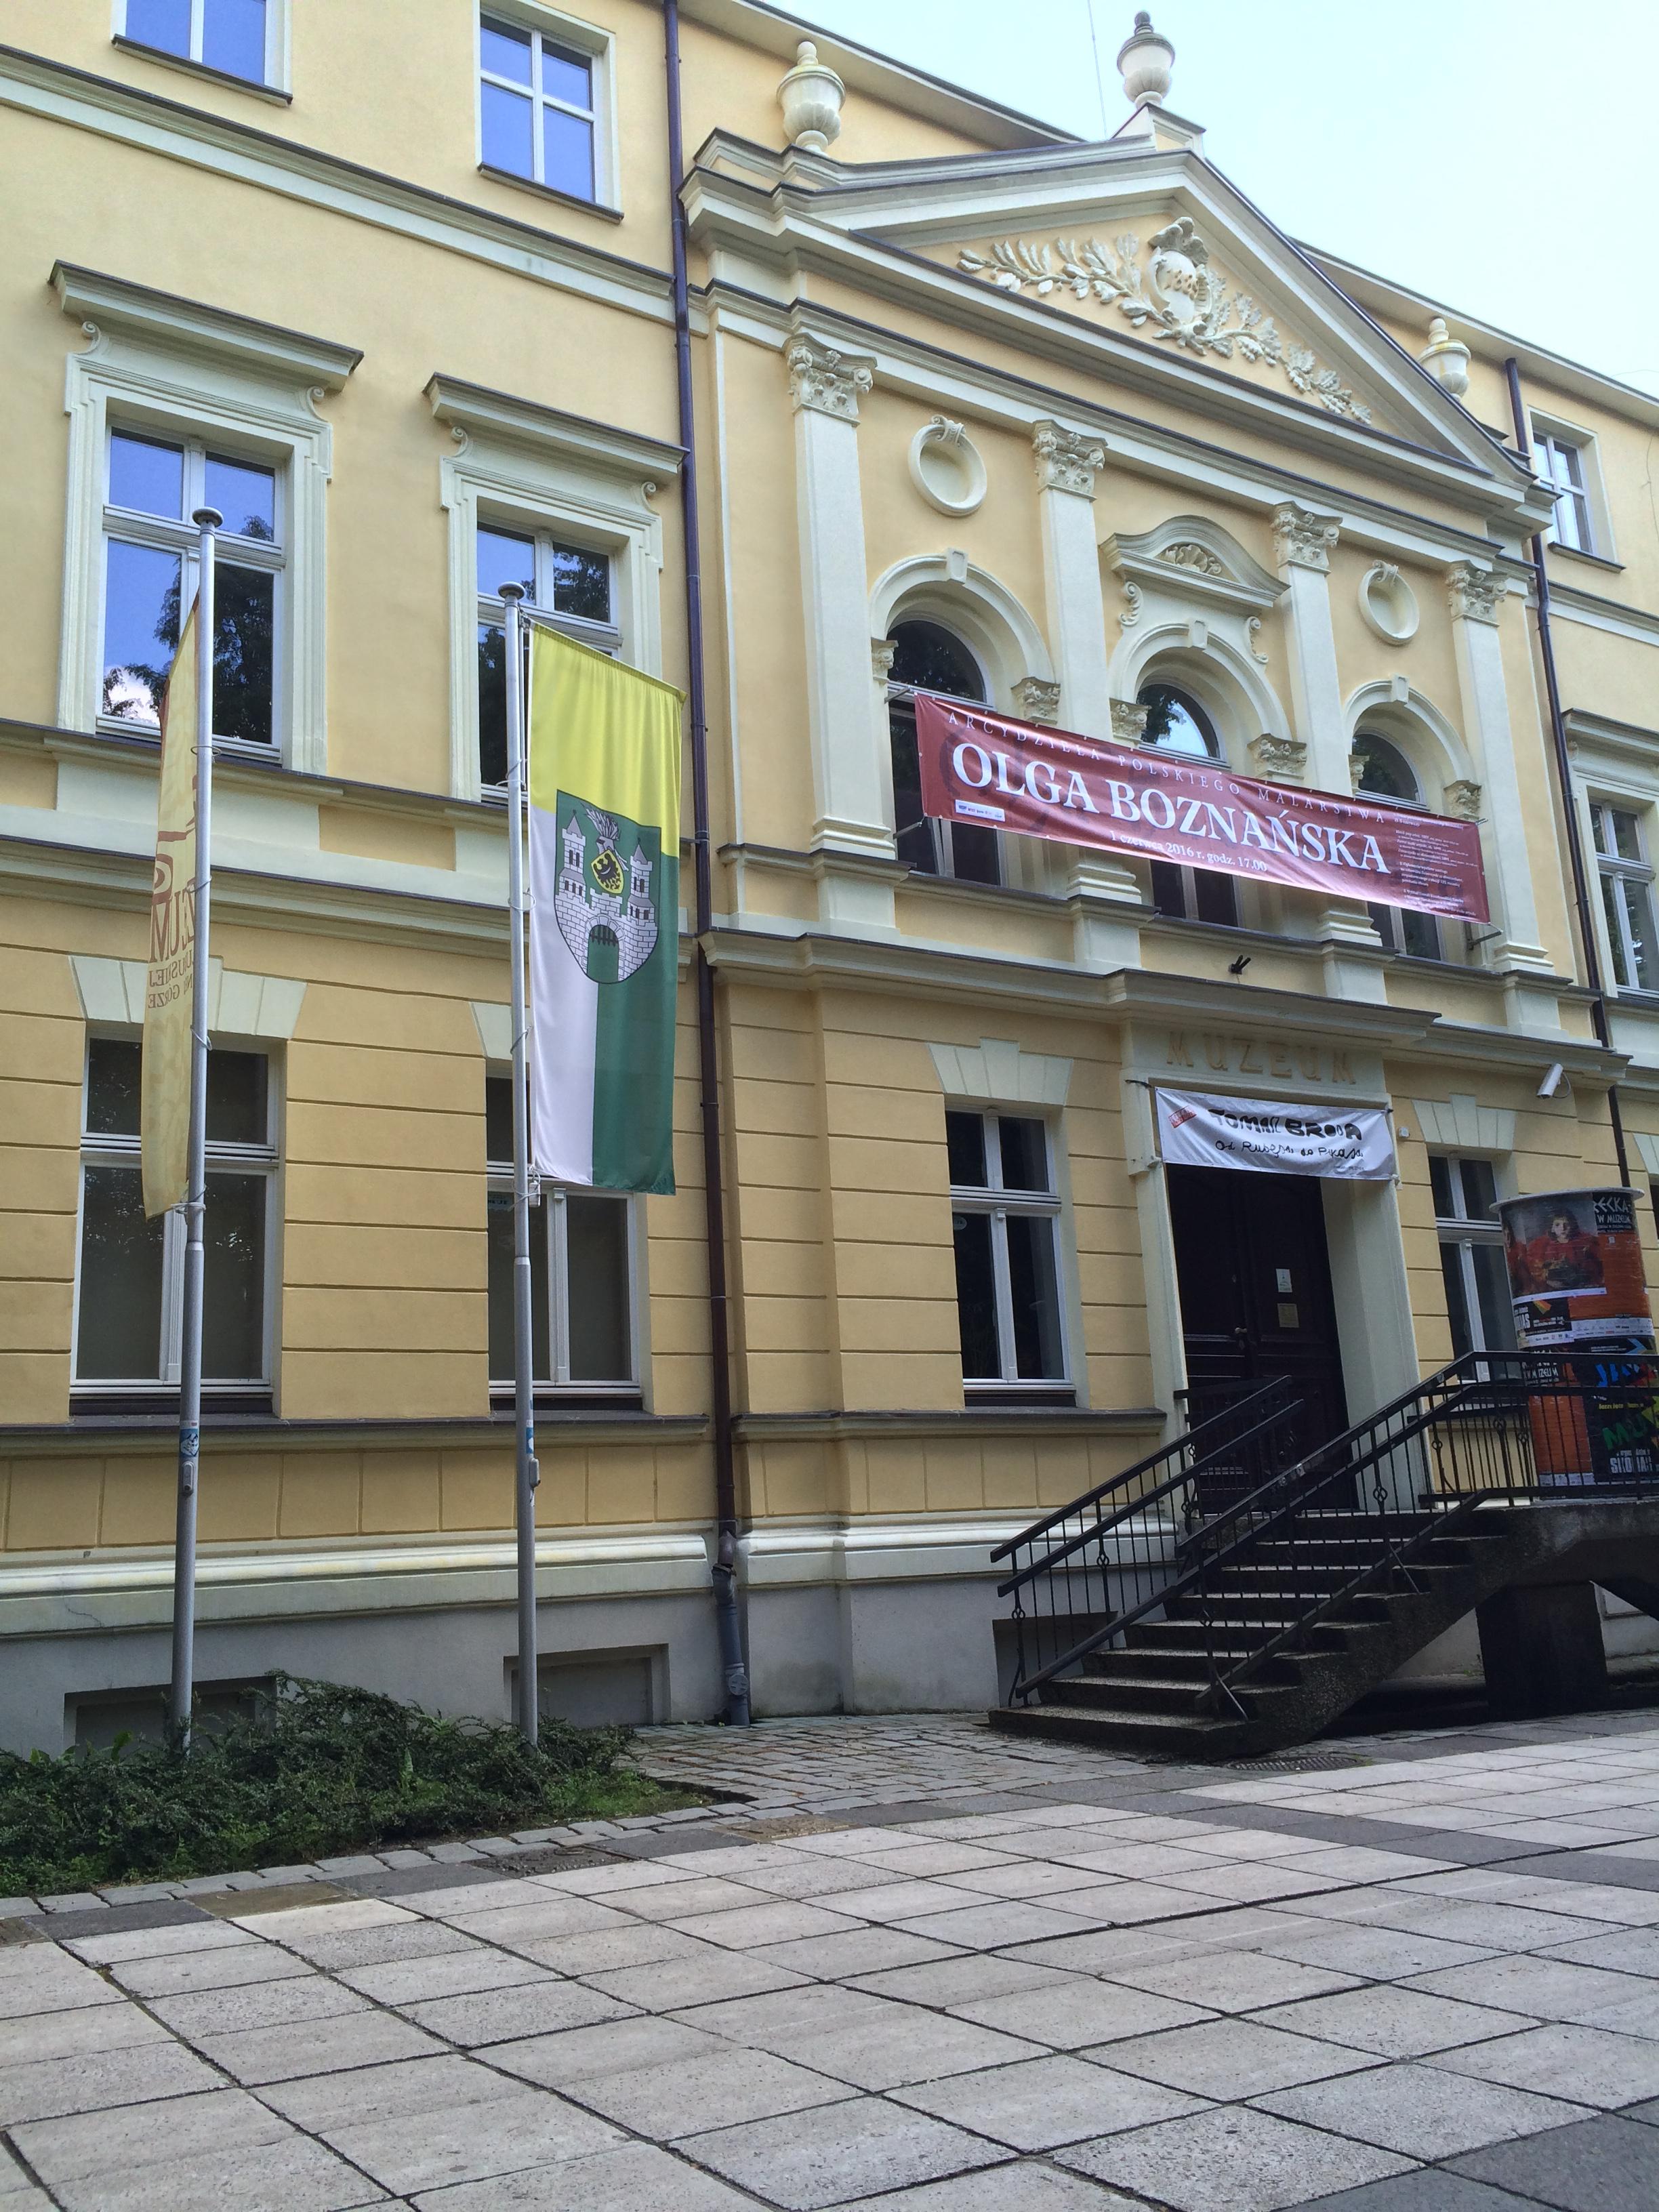 【閲覧注意!?】ポーランドにある拷問博物館が無駄に本格的過ぎる 31e010ea77d697ed6c0c3a9fb6841664-1